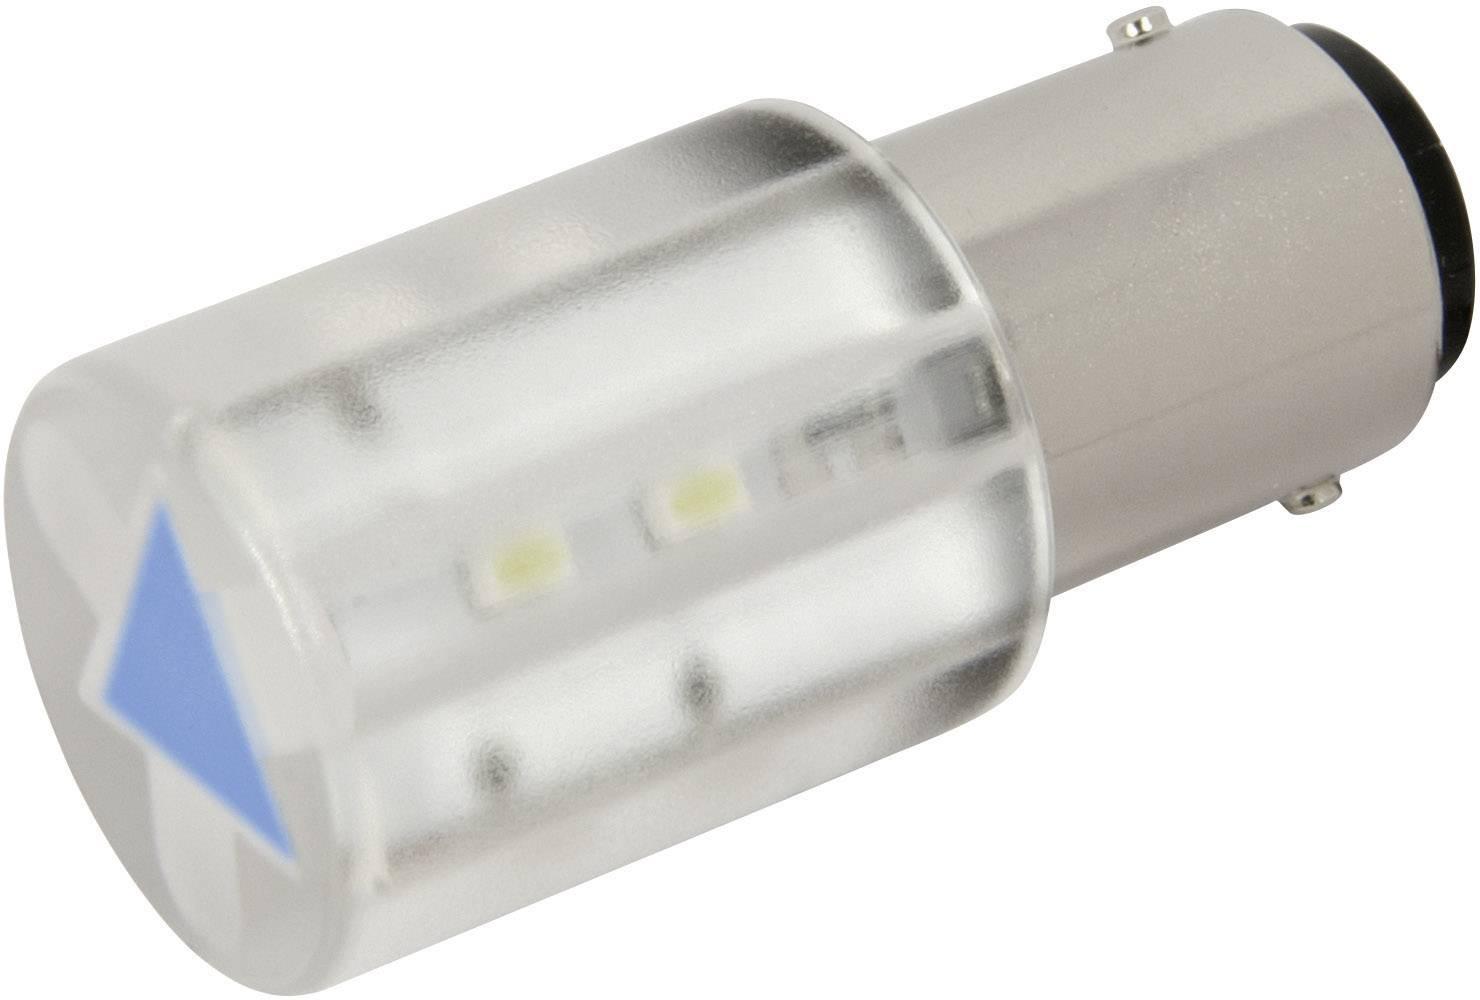 LED žárovka BA15d CML, 18560357, 24 V, 210 mcd, modrá